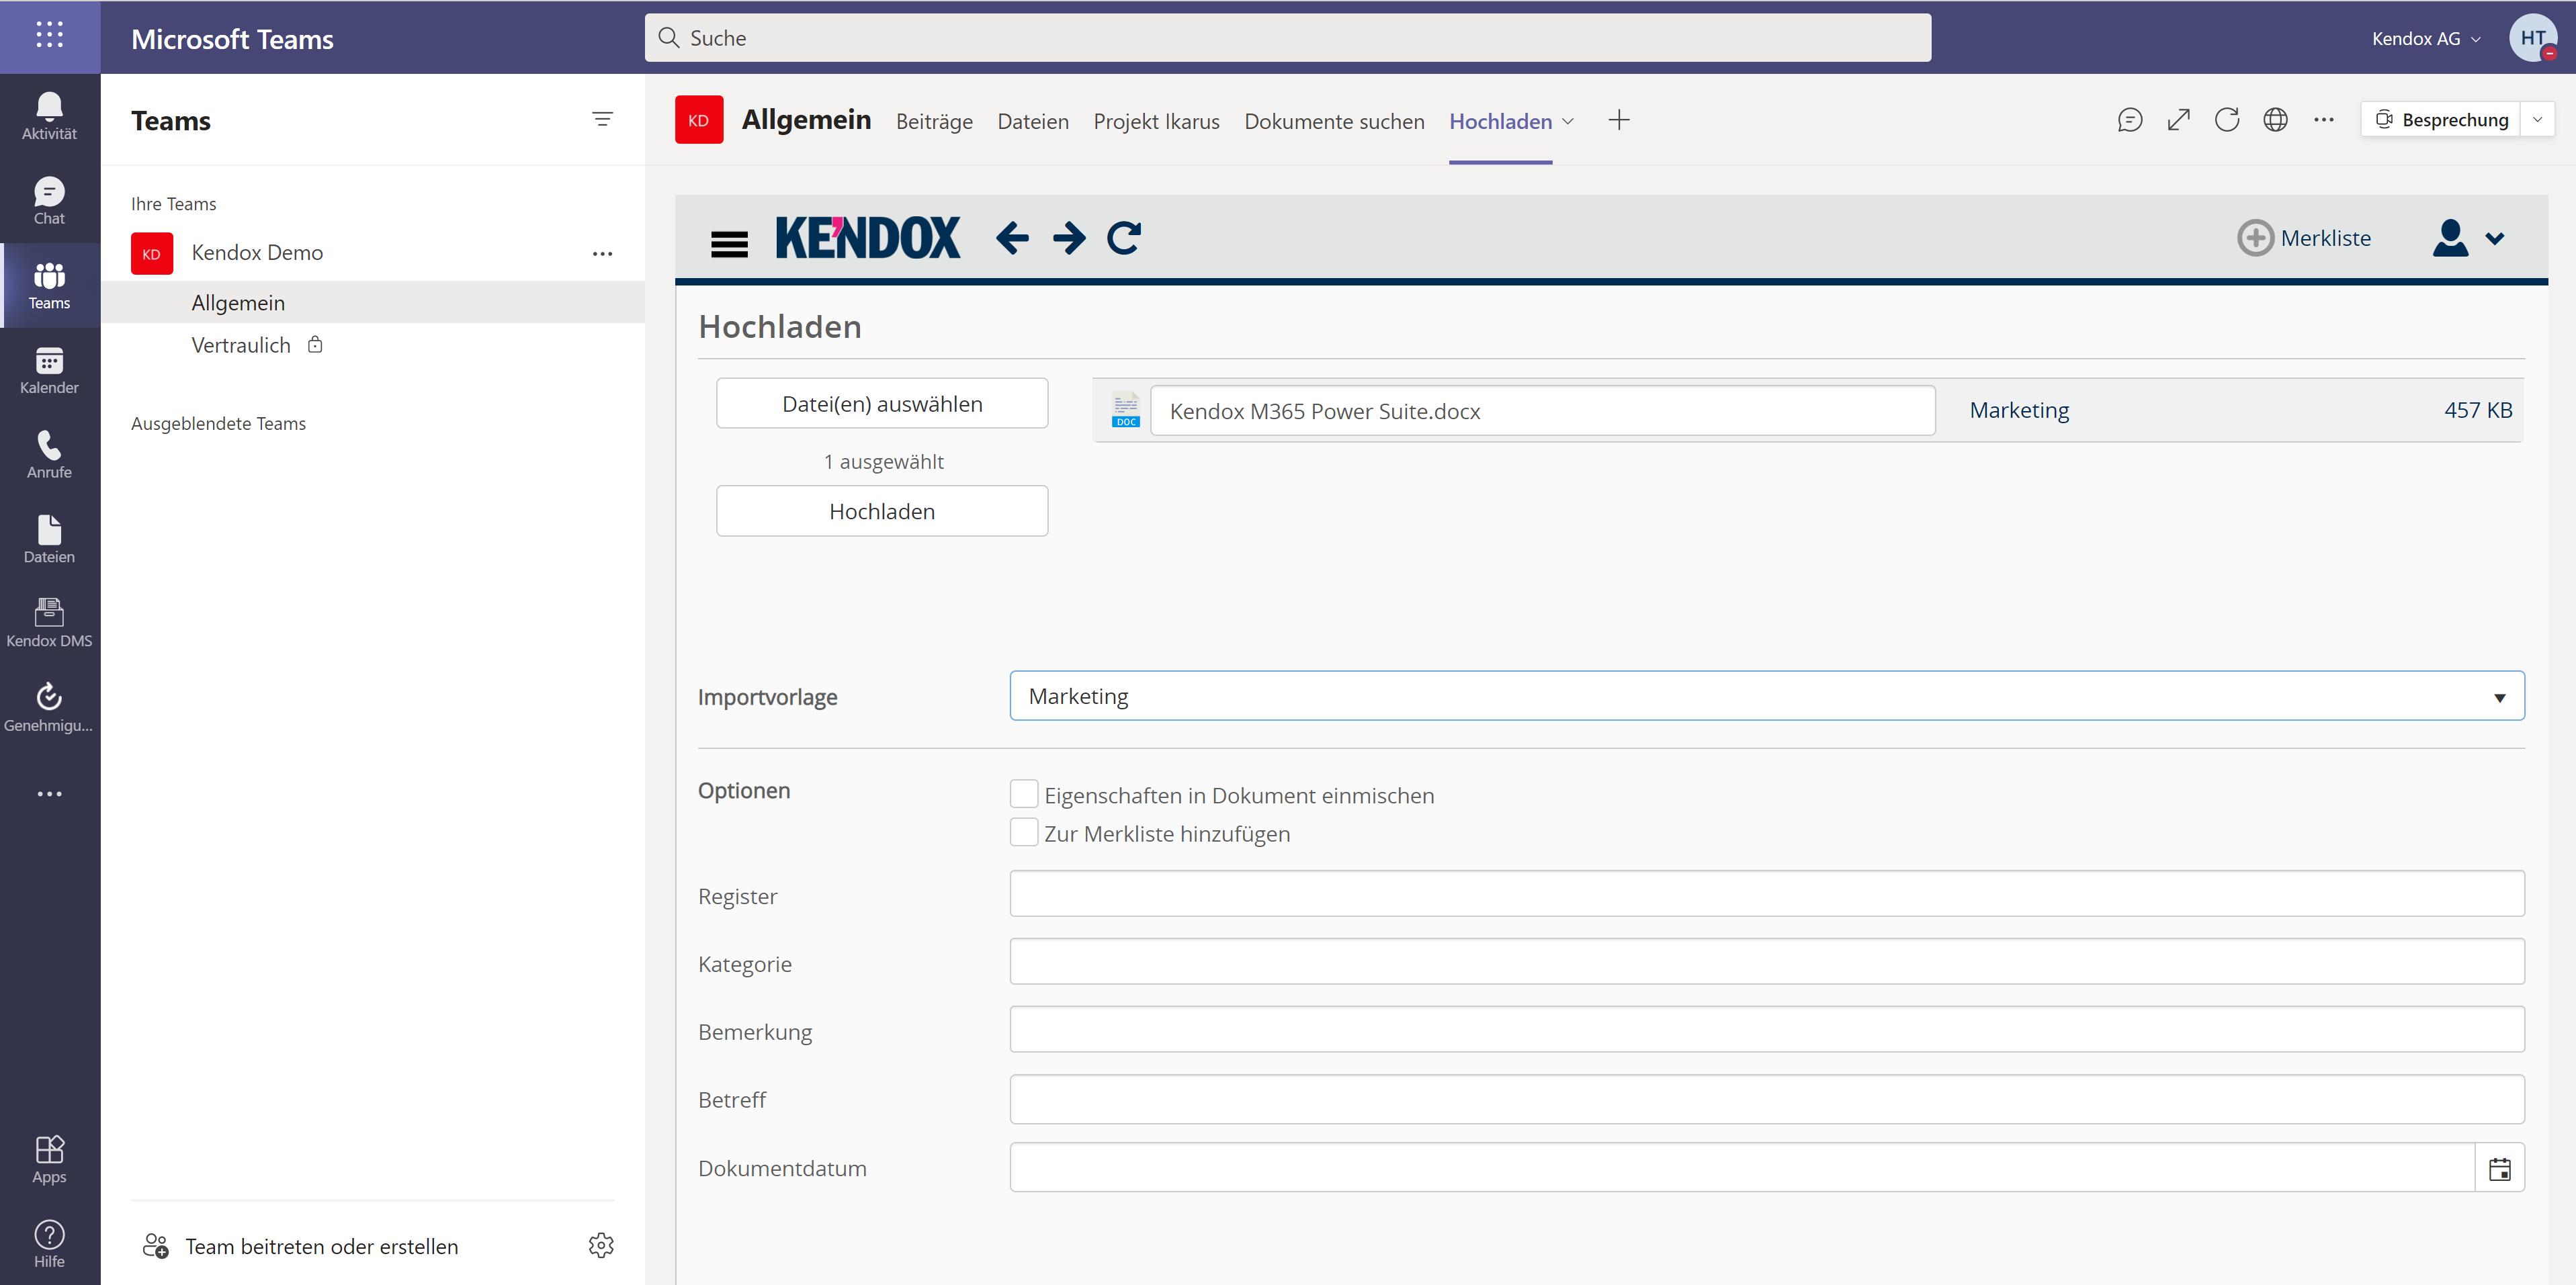 Kendox InfoShare - Dokument hochladen in MS Teams